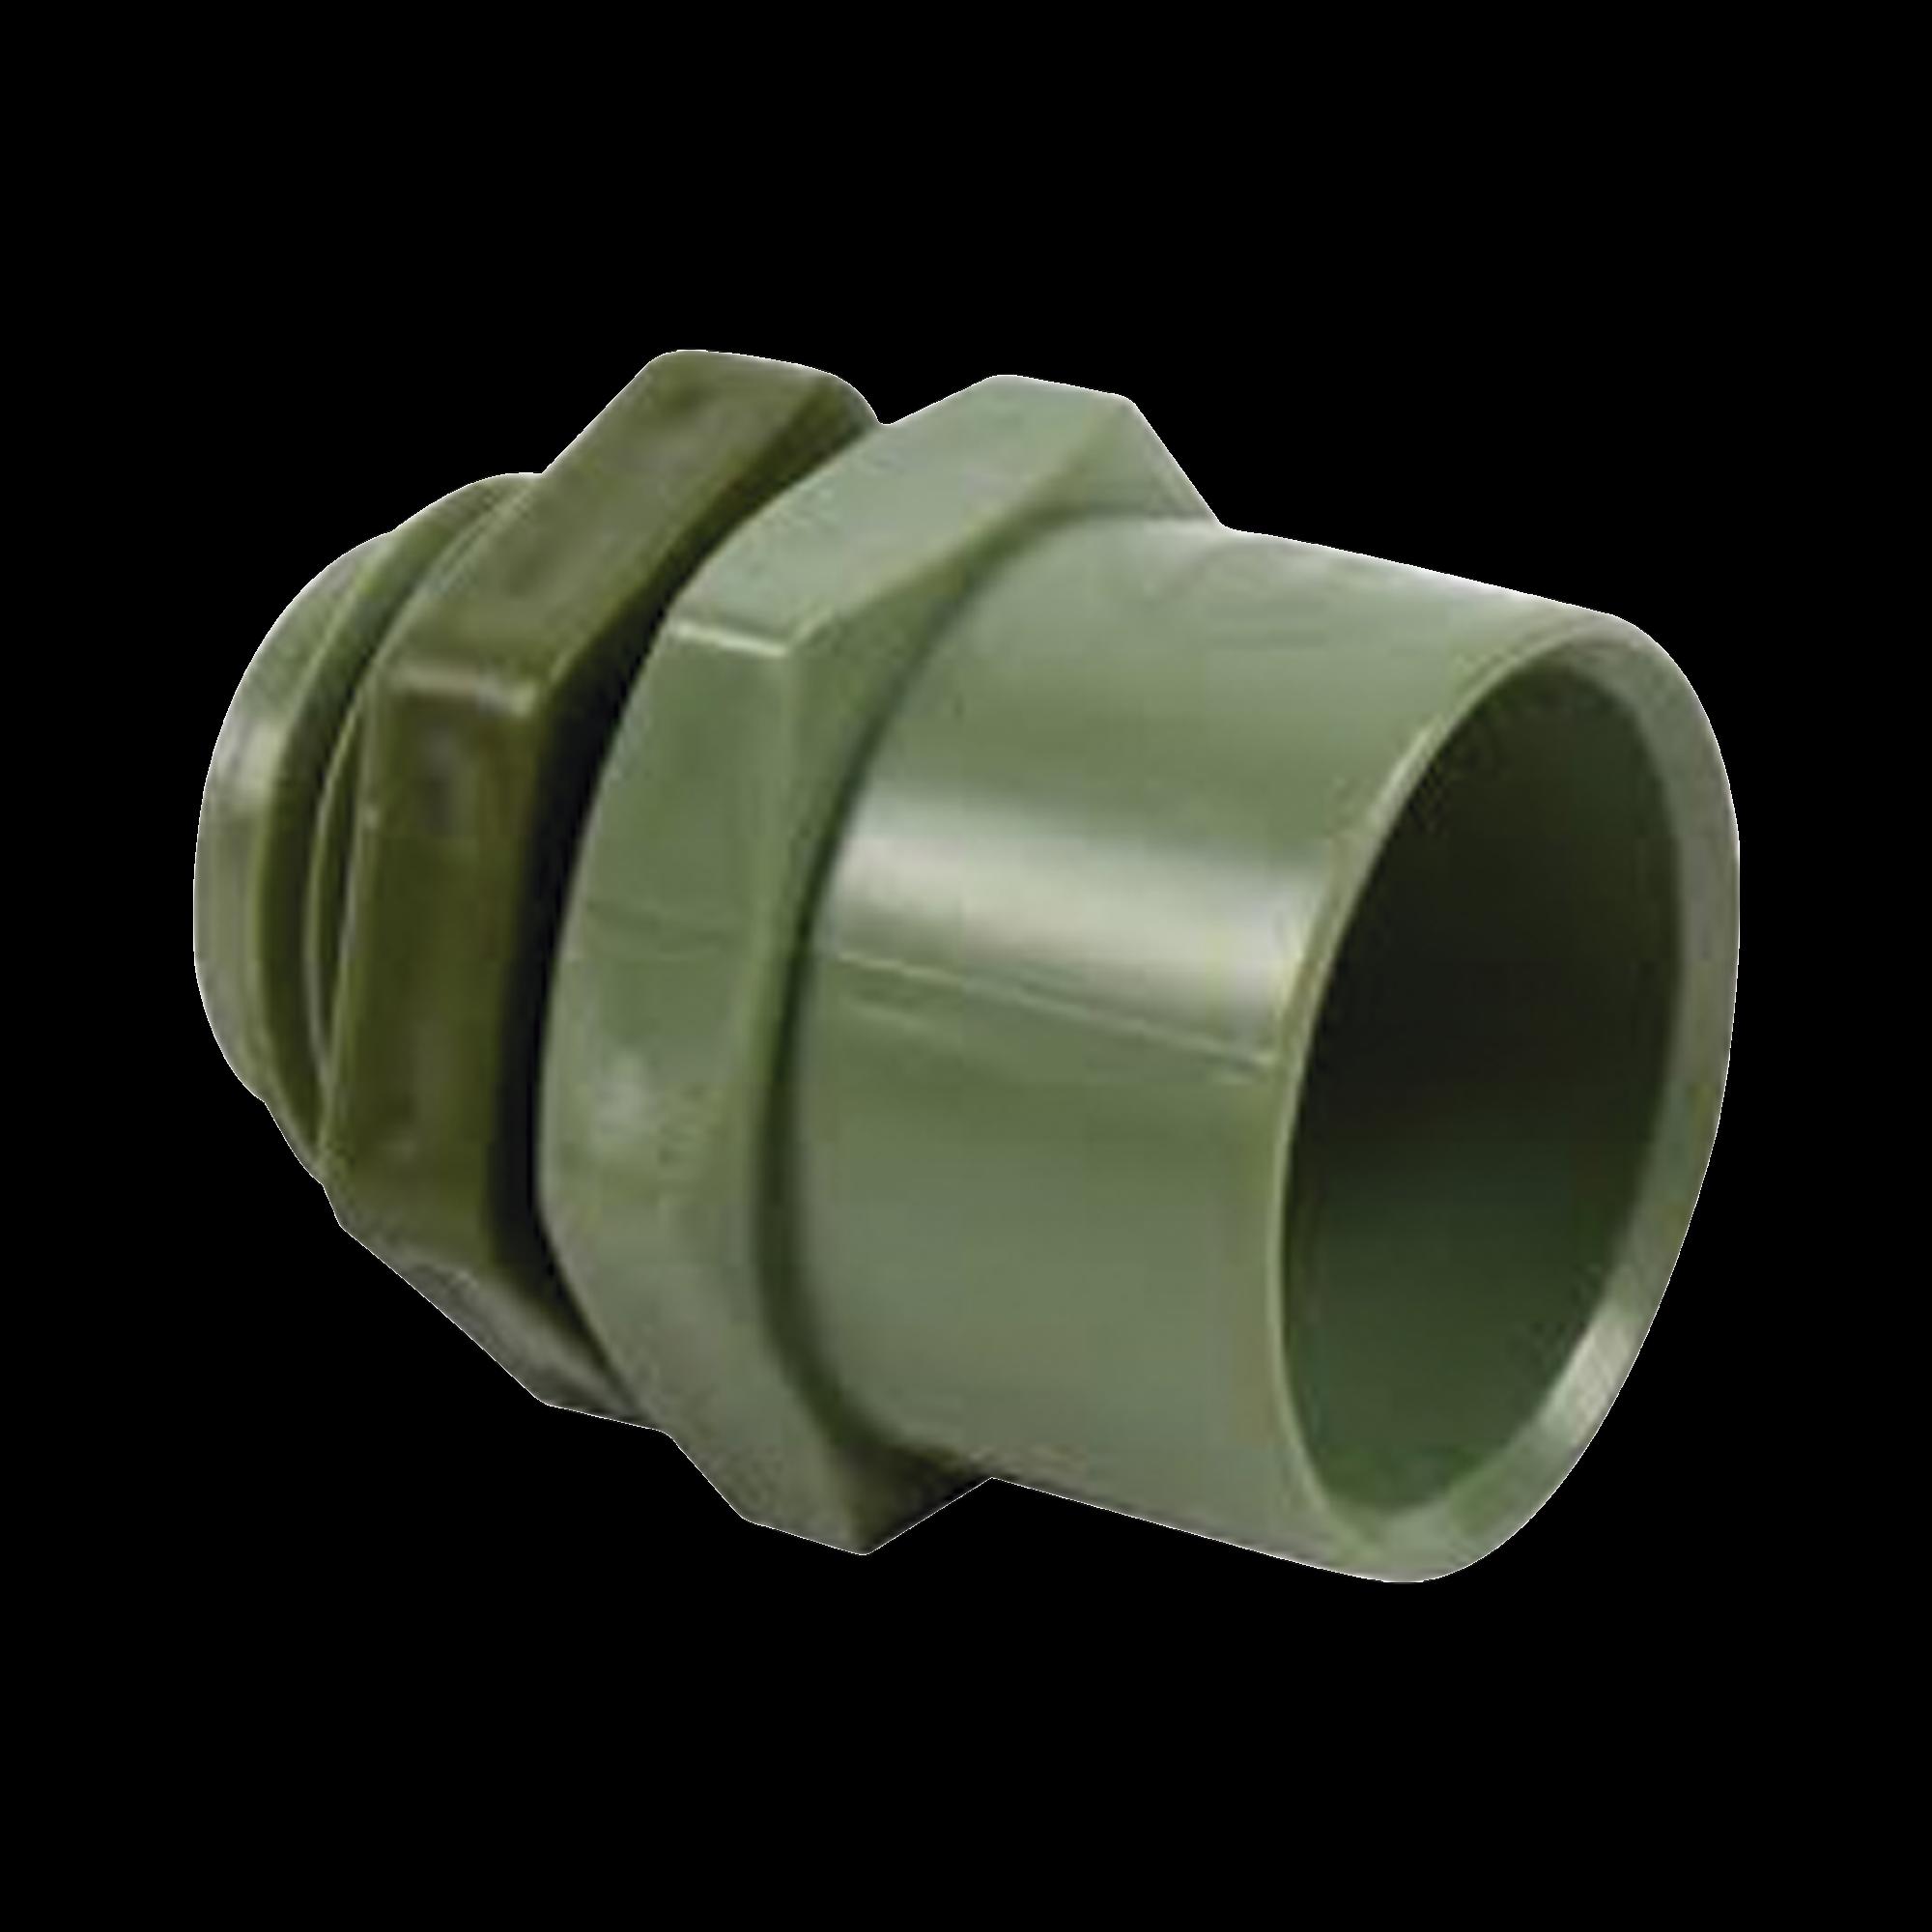 Conector de 2-1/2  para tuberia PVC conduit pesado (60 mm)